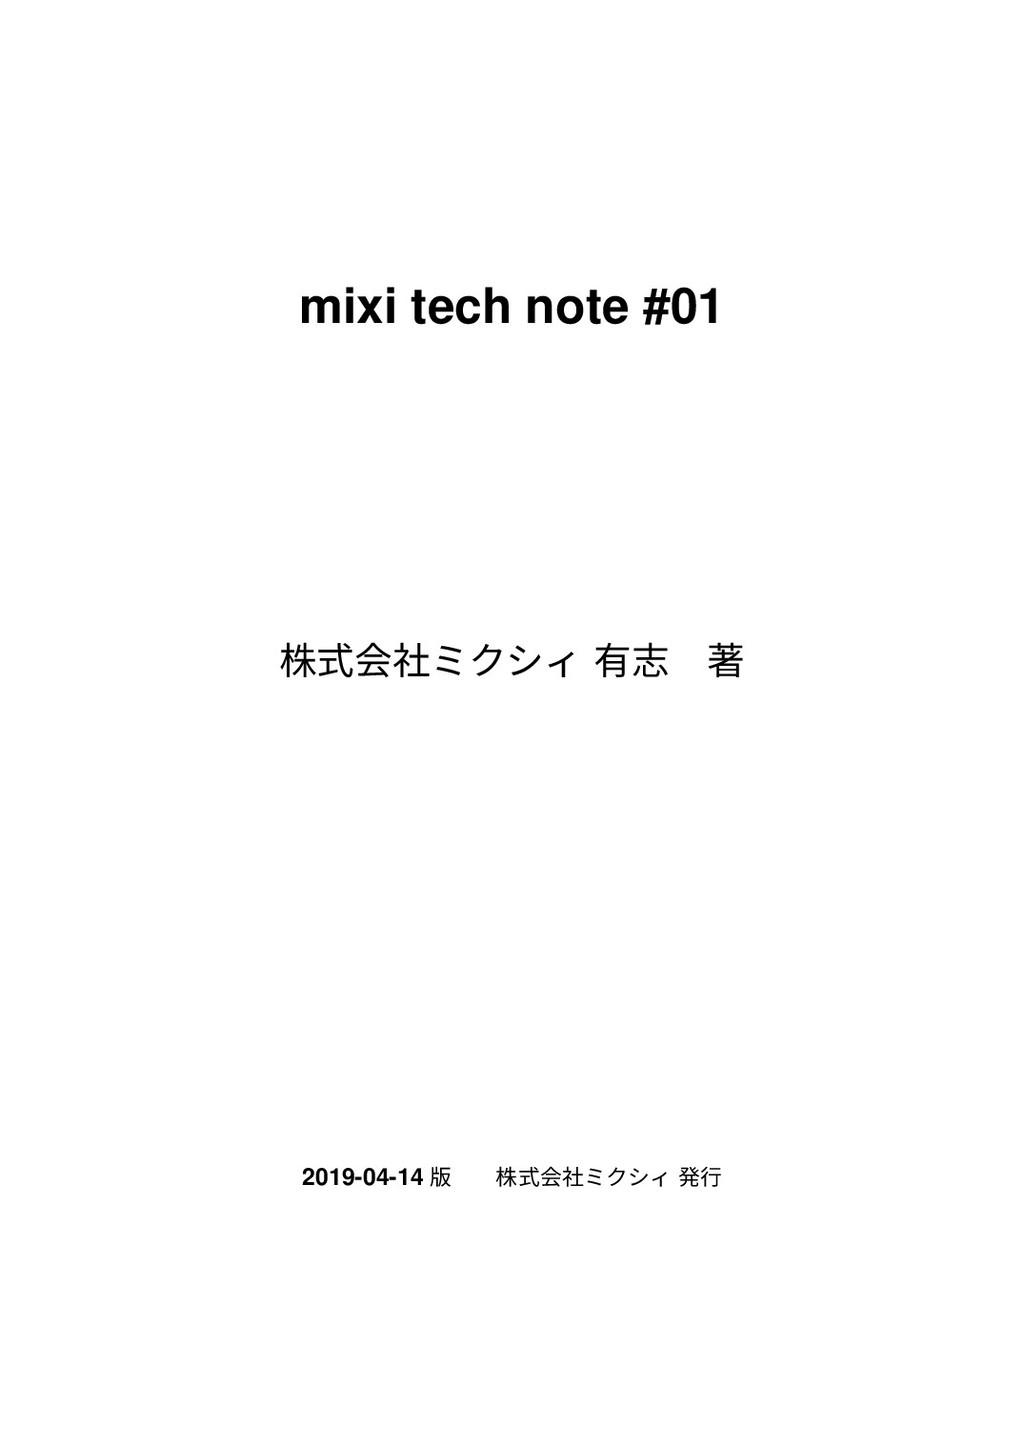 mixi tech note #01 株式会社ミクシィ 有志著 2019-04-14 版 株...